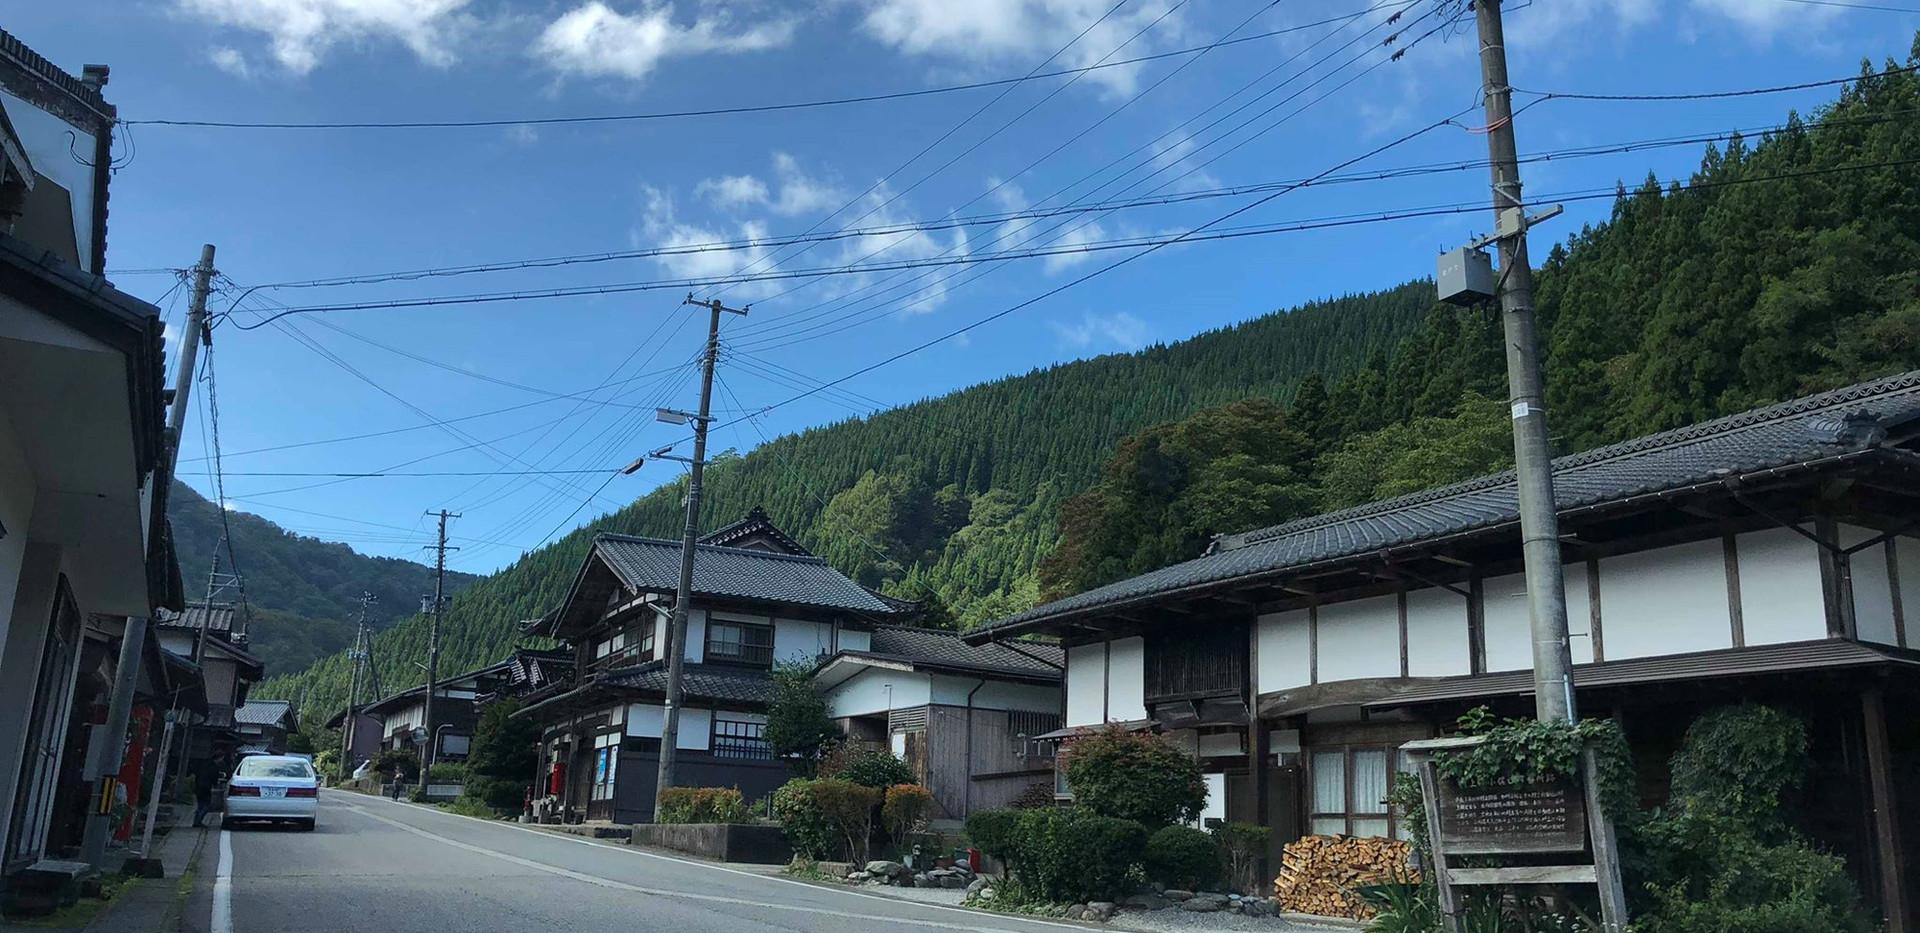 新潟 山北 小俣宿 小俣そば 小俣蕎麦